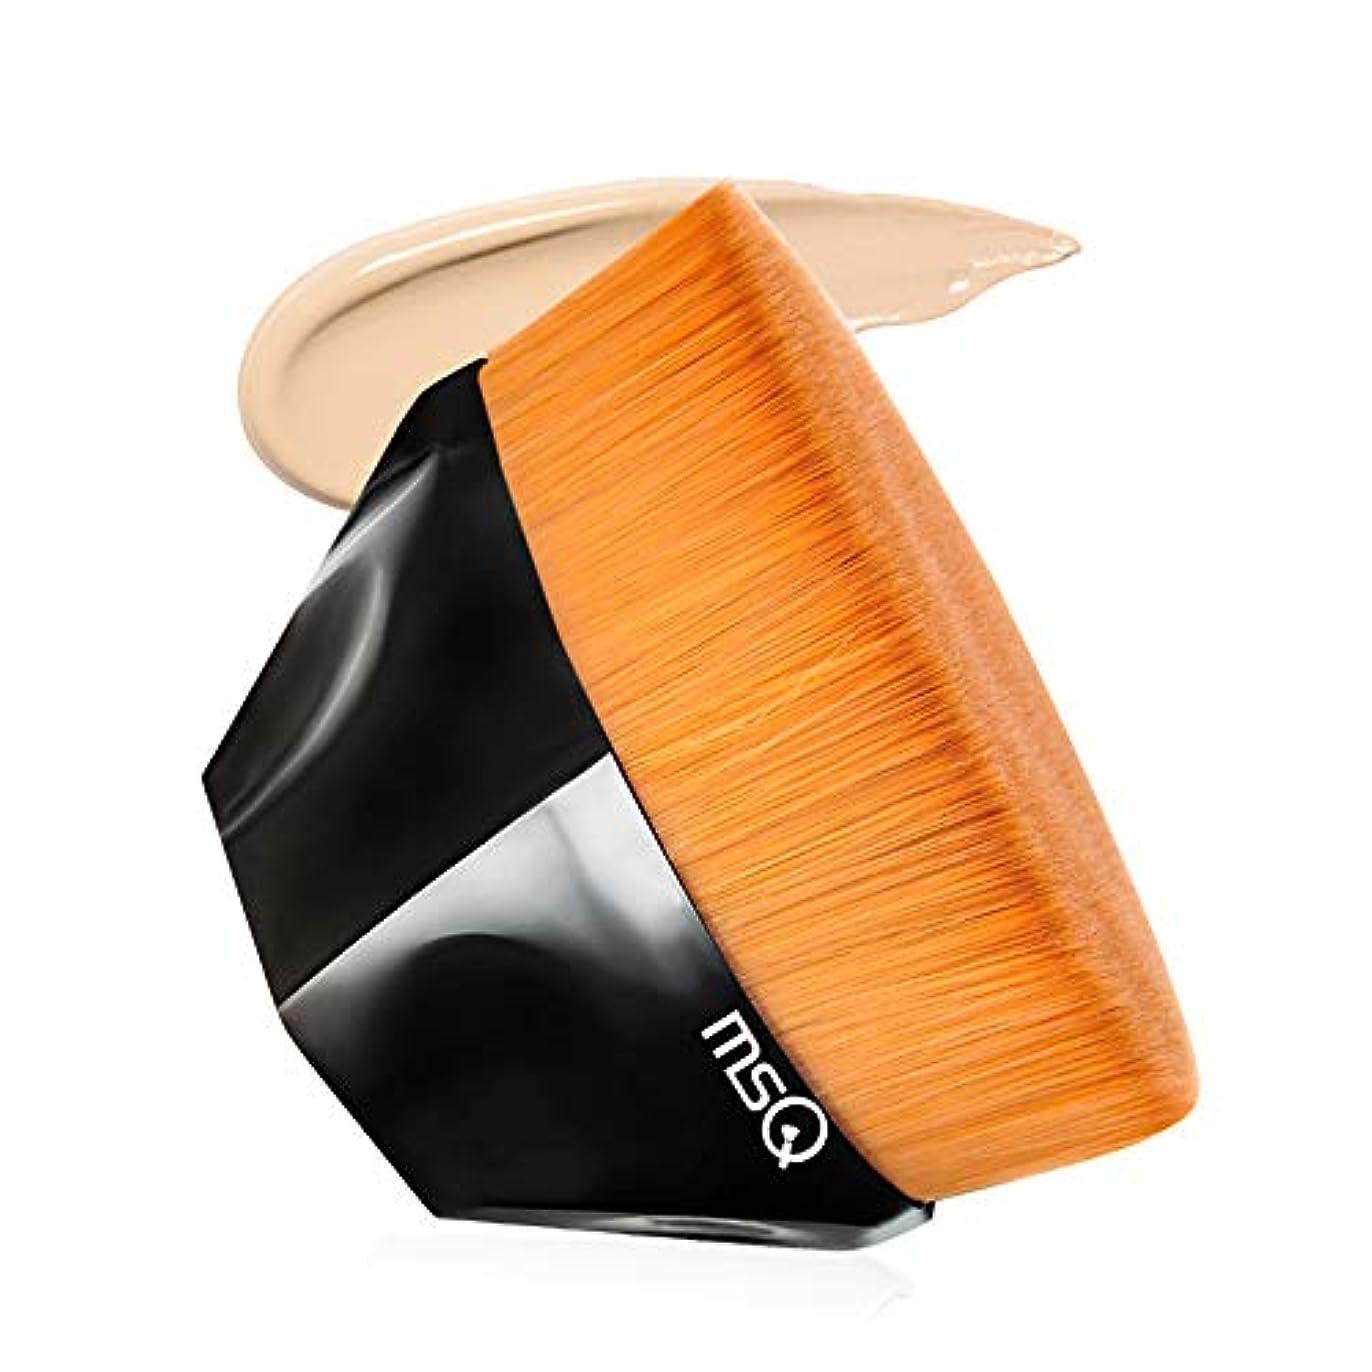 エステート爆風刑務所MSQ 化粧ブラシ 人気 メイクブラシ メイクアップブラシ 粧ブラシ 可愛い 化粧筆 肌に優しい ファンデーションブラシ アイシャドウブラシ 携帯便利